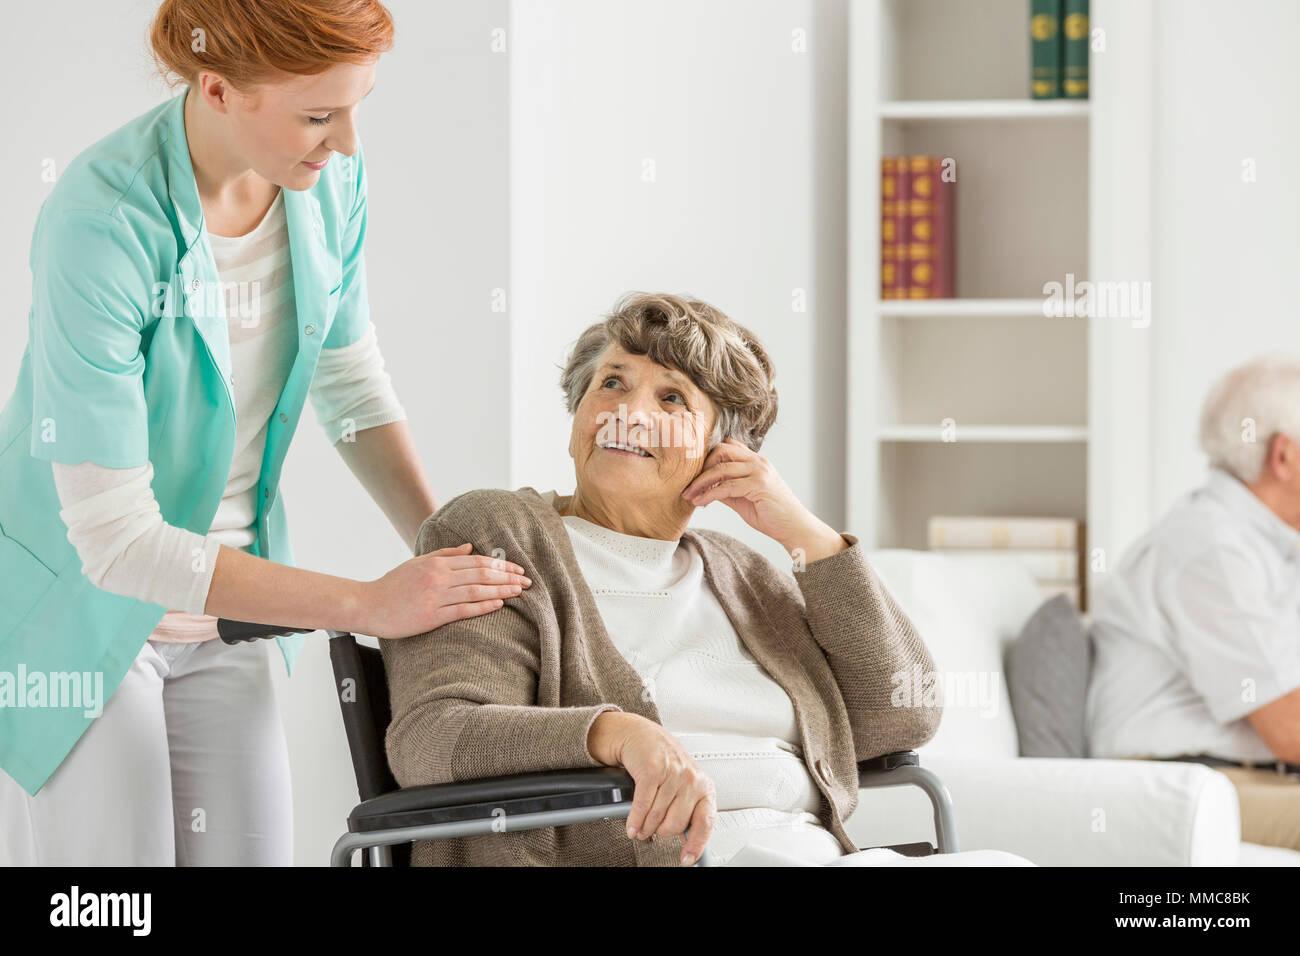 Una donna su una sedia a rotelle guardando la sua giovane infermiere Immagini Stock